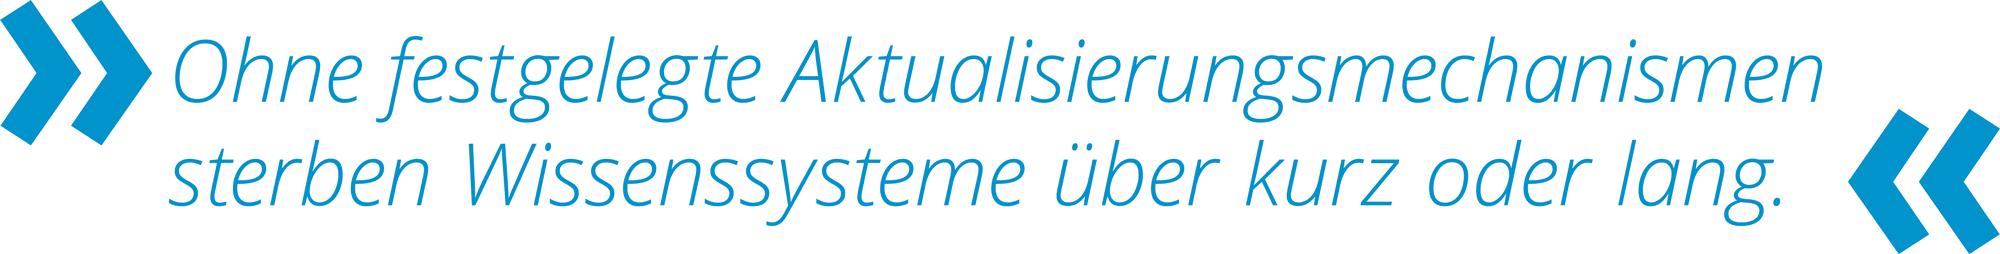 Zitat-Probst-Atualitaetskontrolle